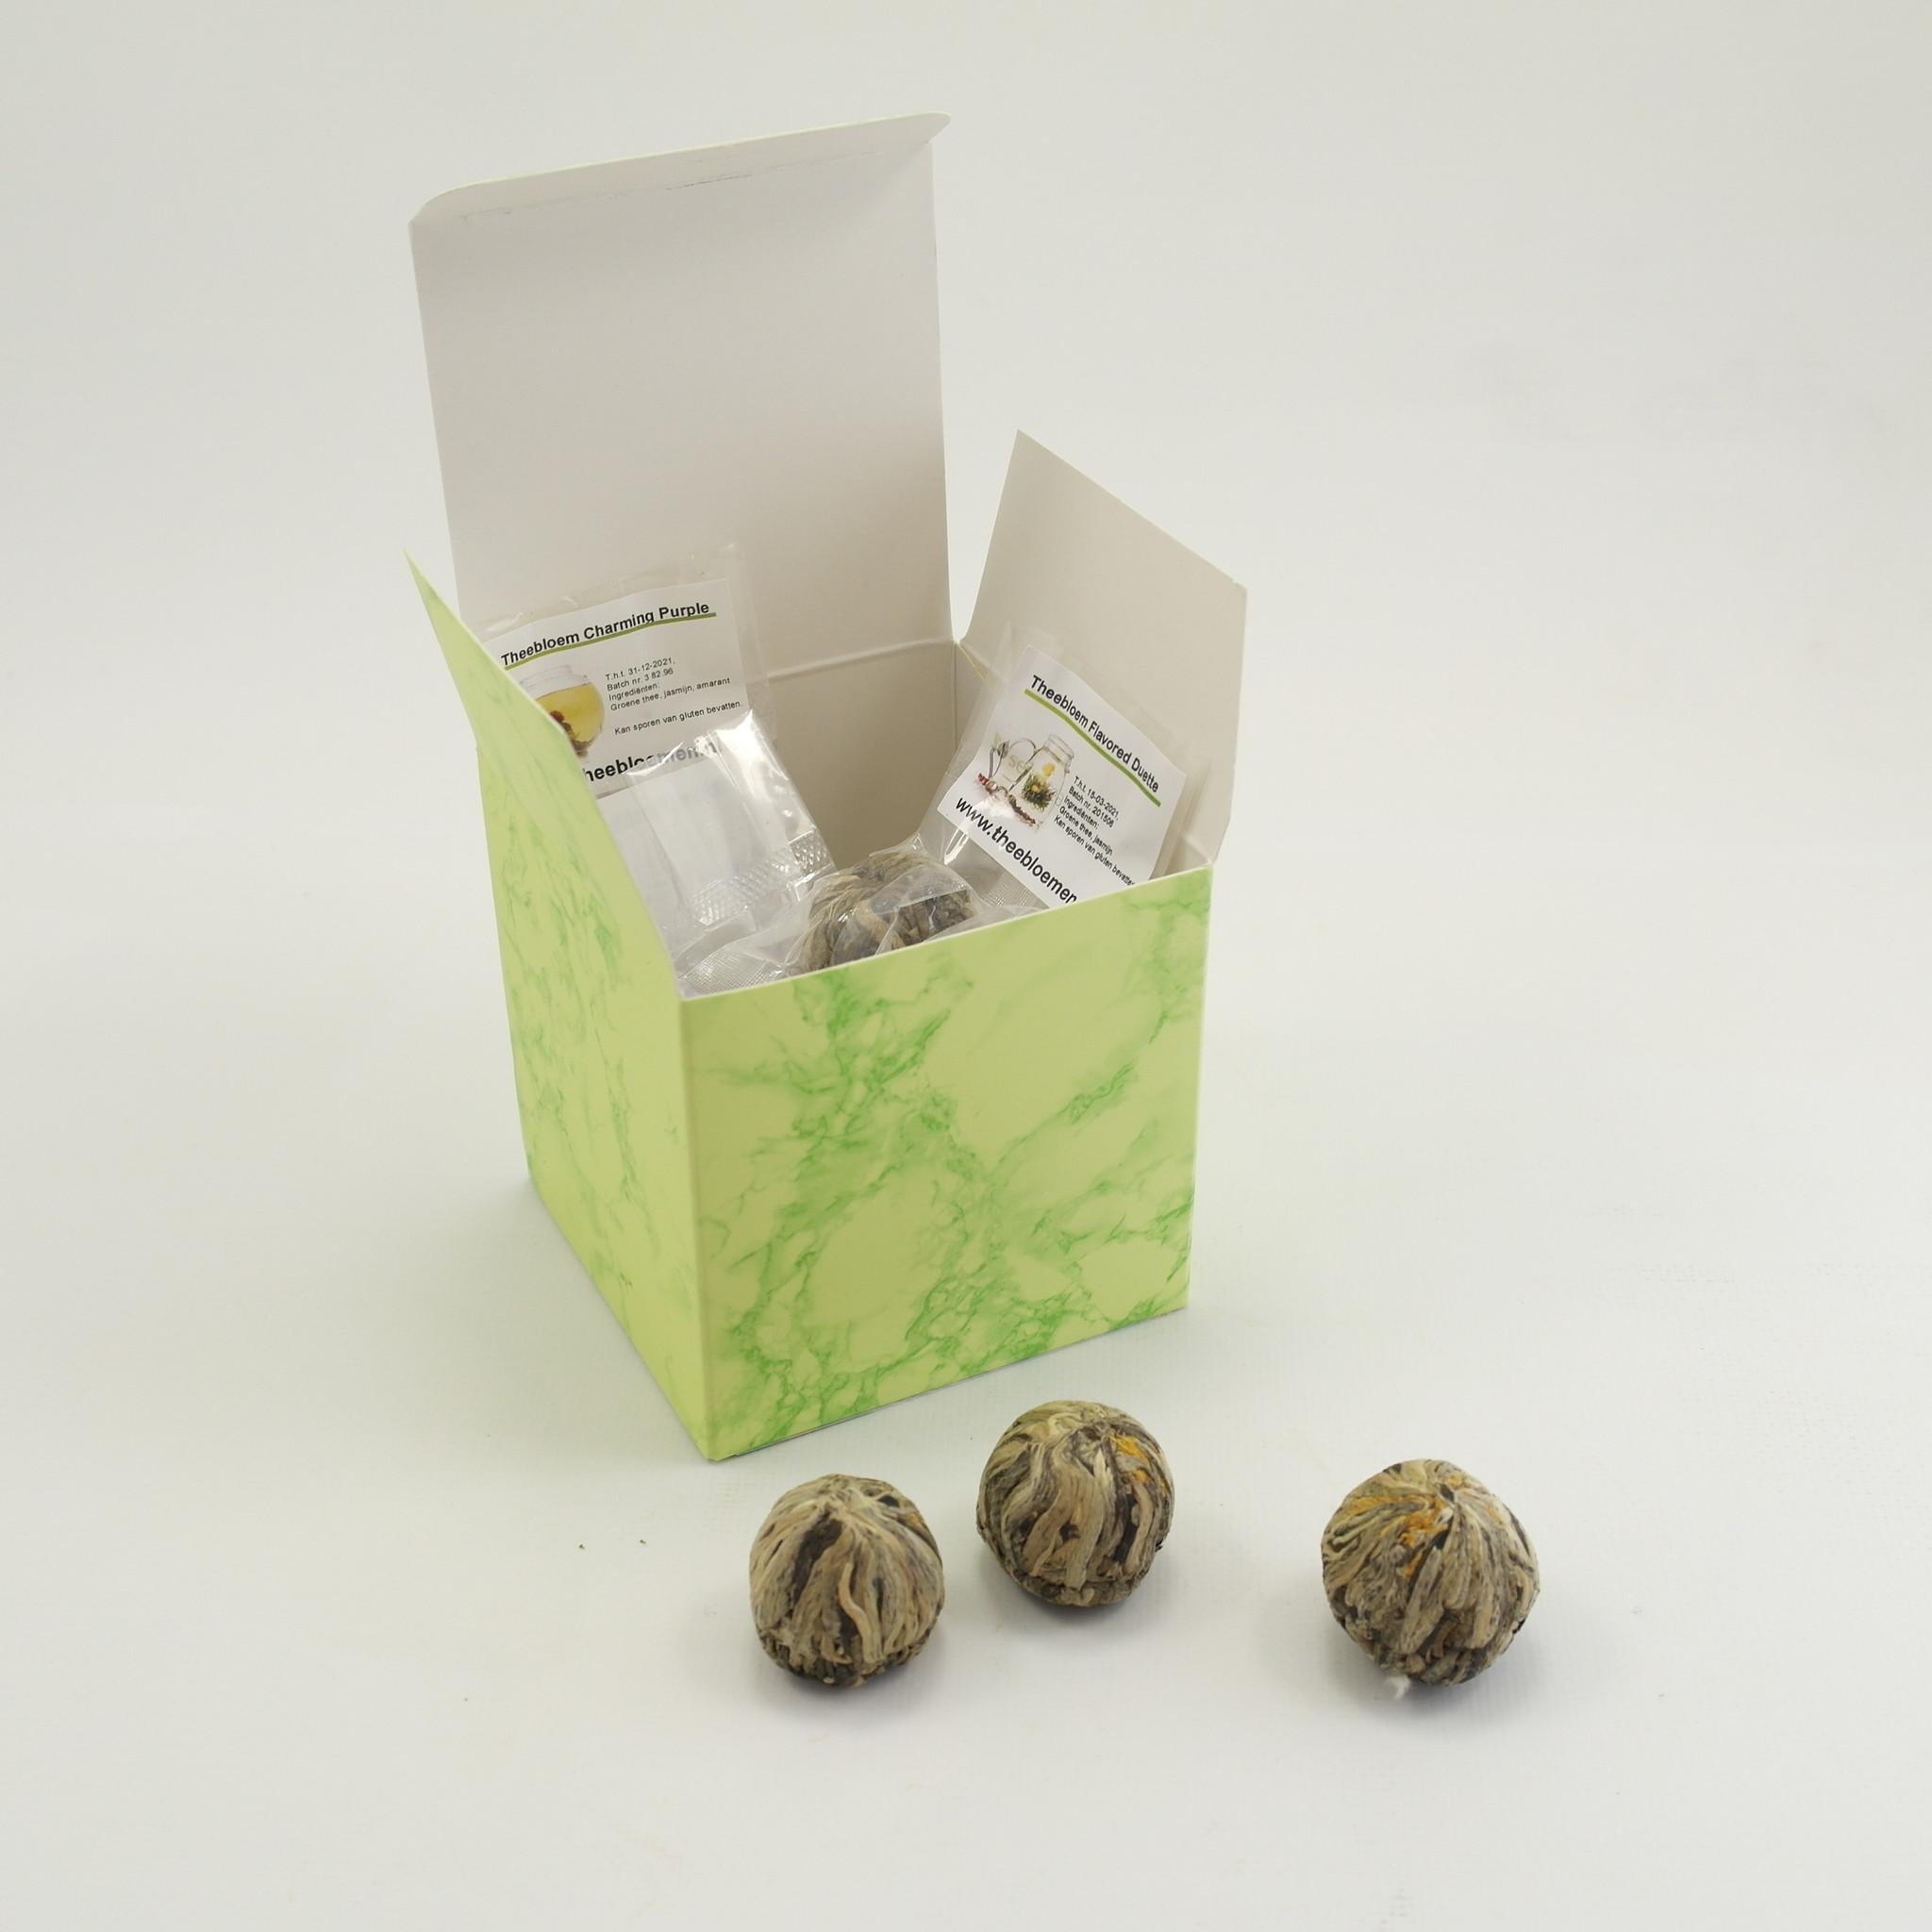 10 Theebloemen in luxe geschenkverpakking